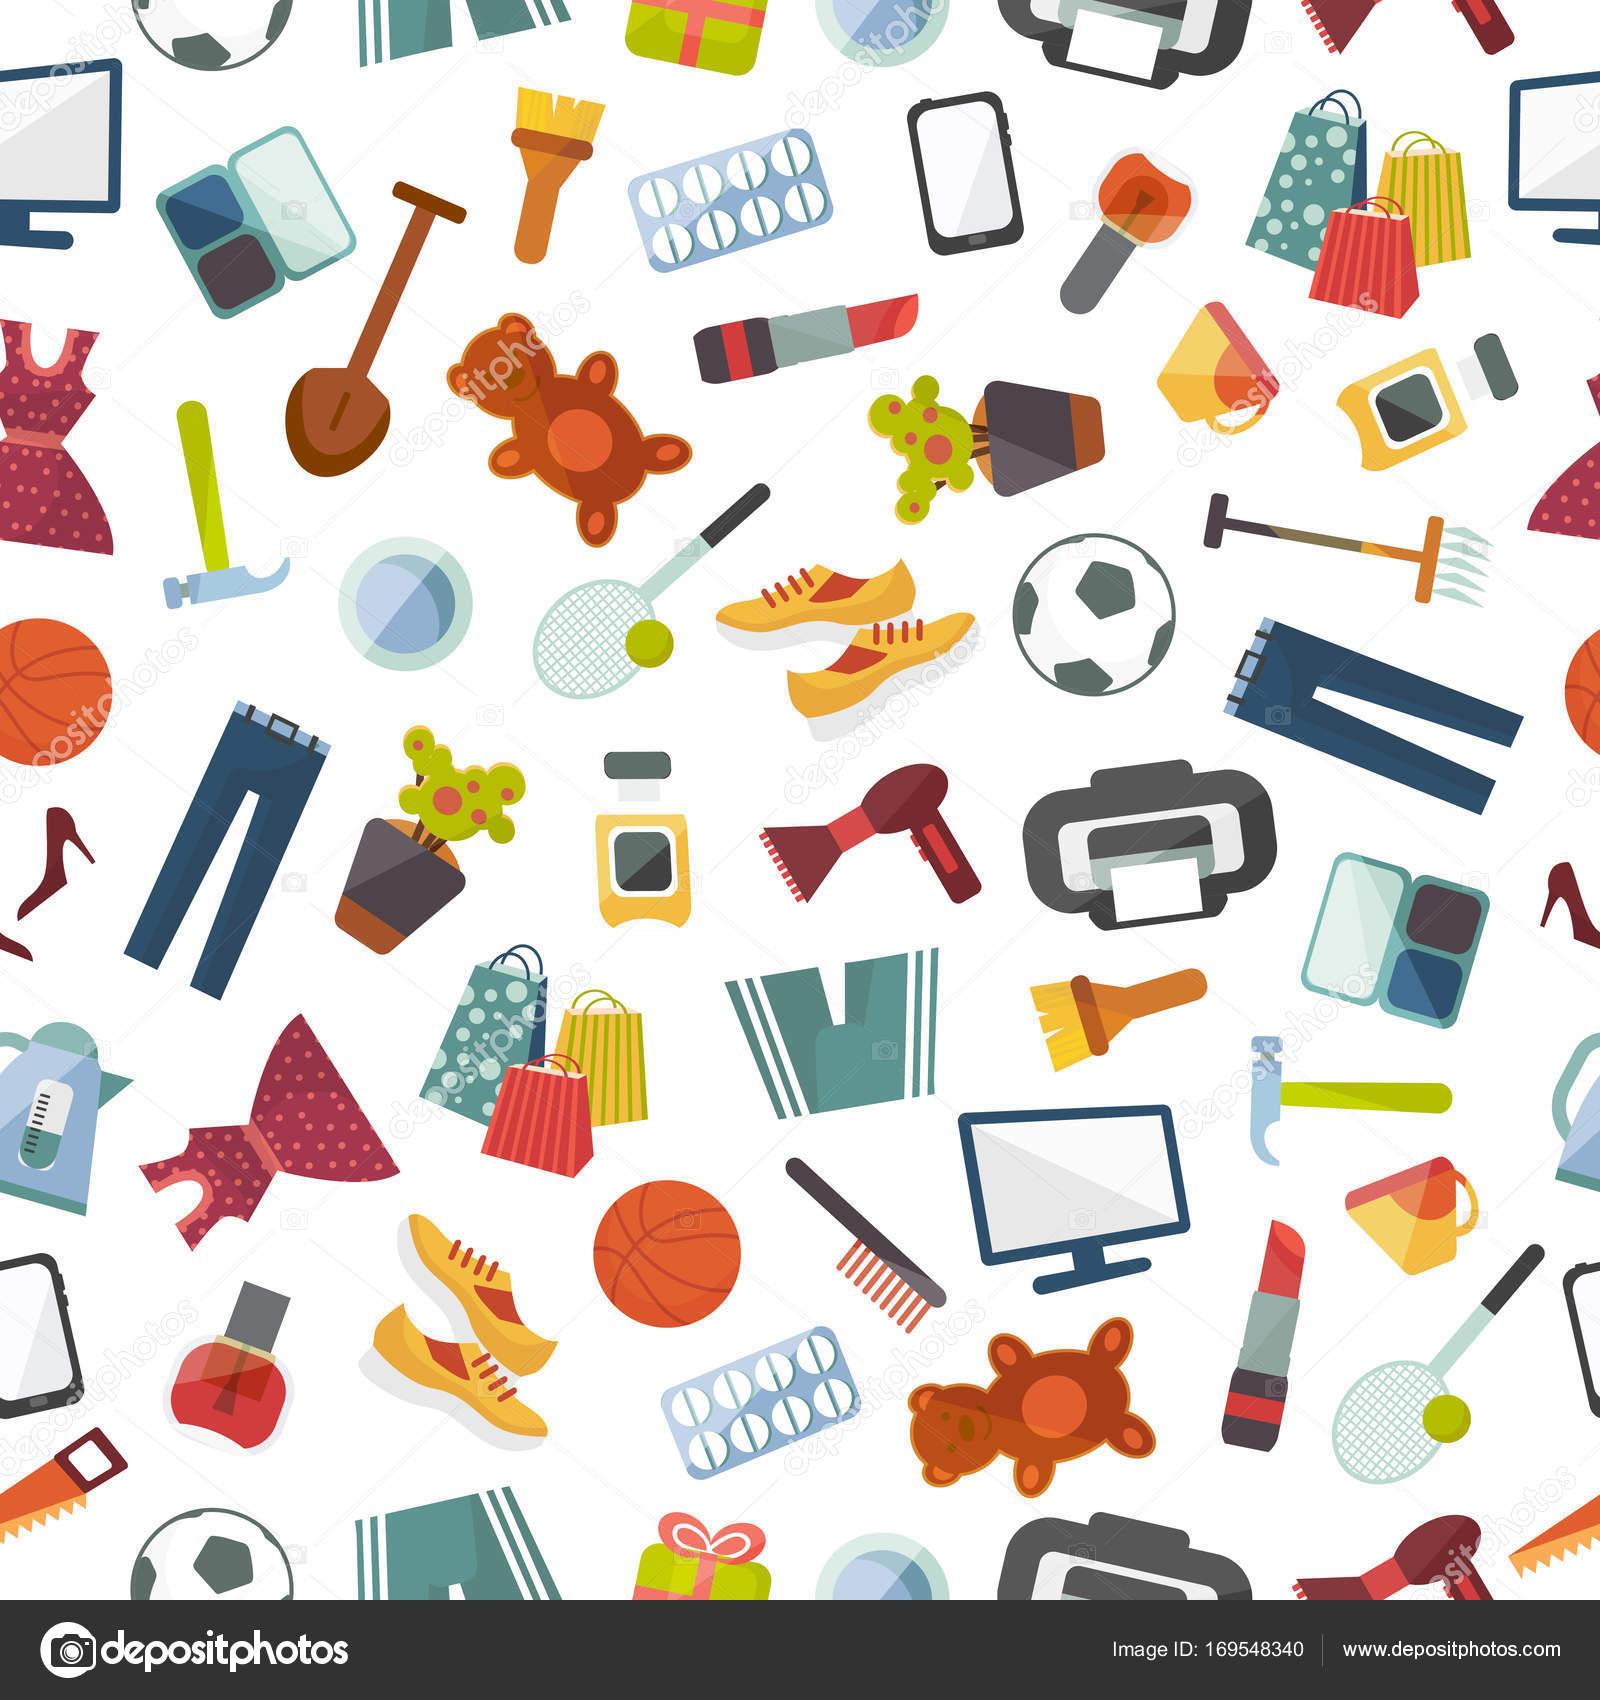 Fondo: tienda en línea | Tienda Online Tienda Web ropa y mercancías ...